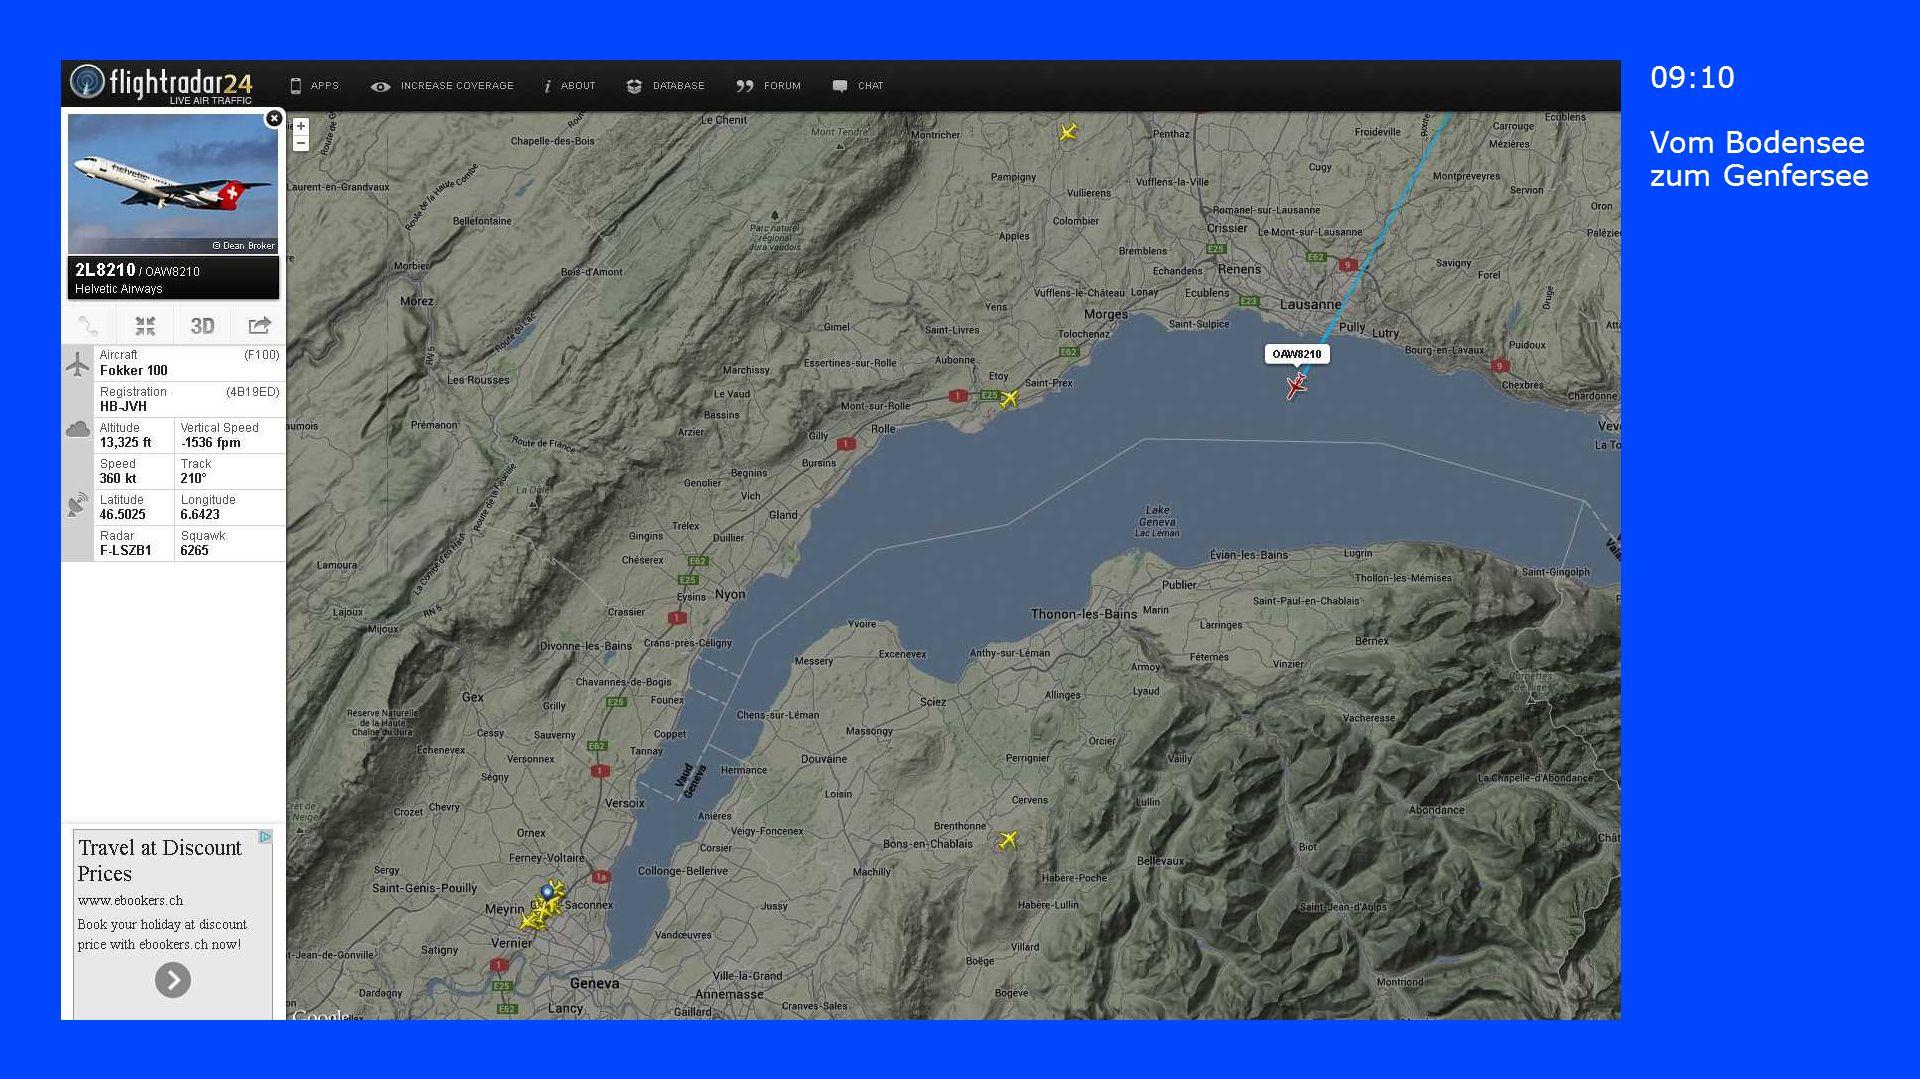 09:10 Vom Bodensee zum Genfersee